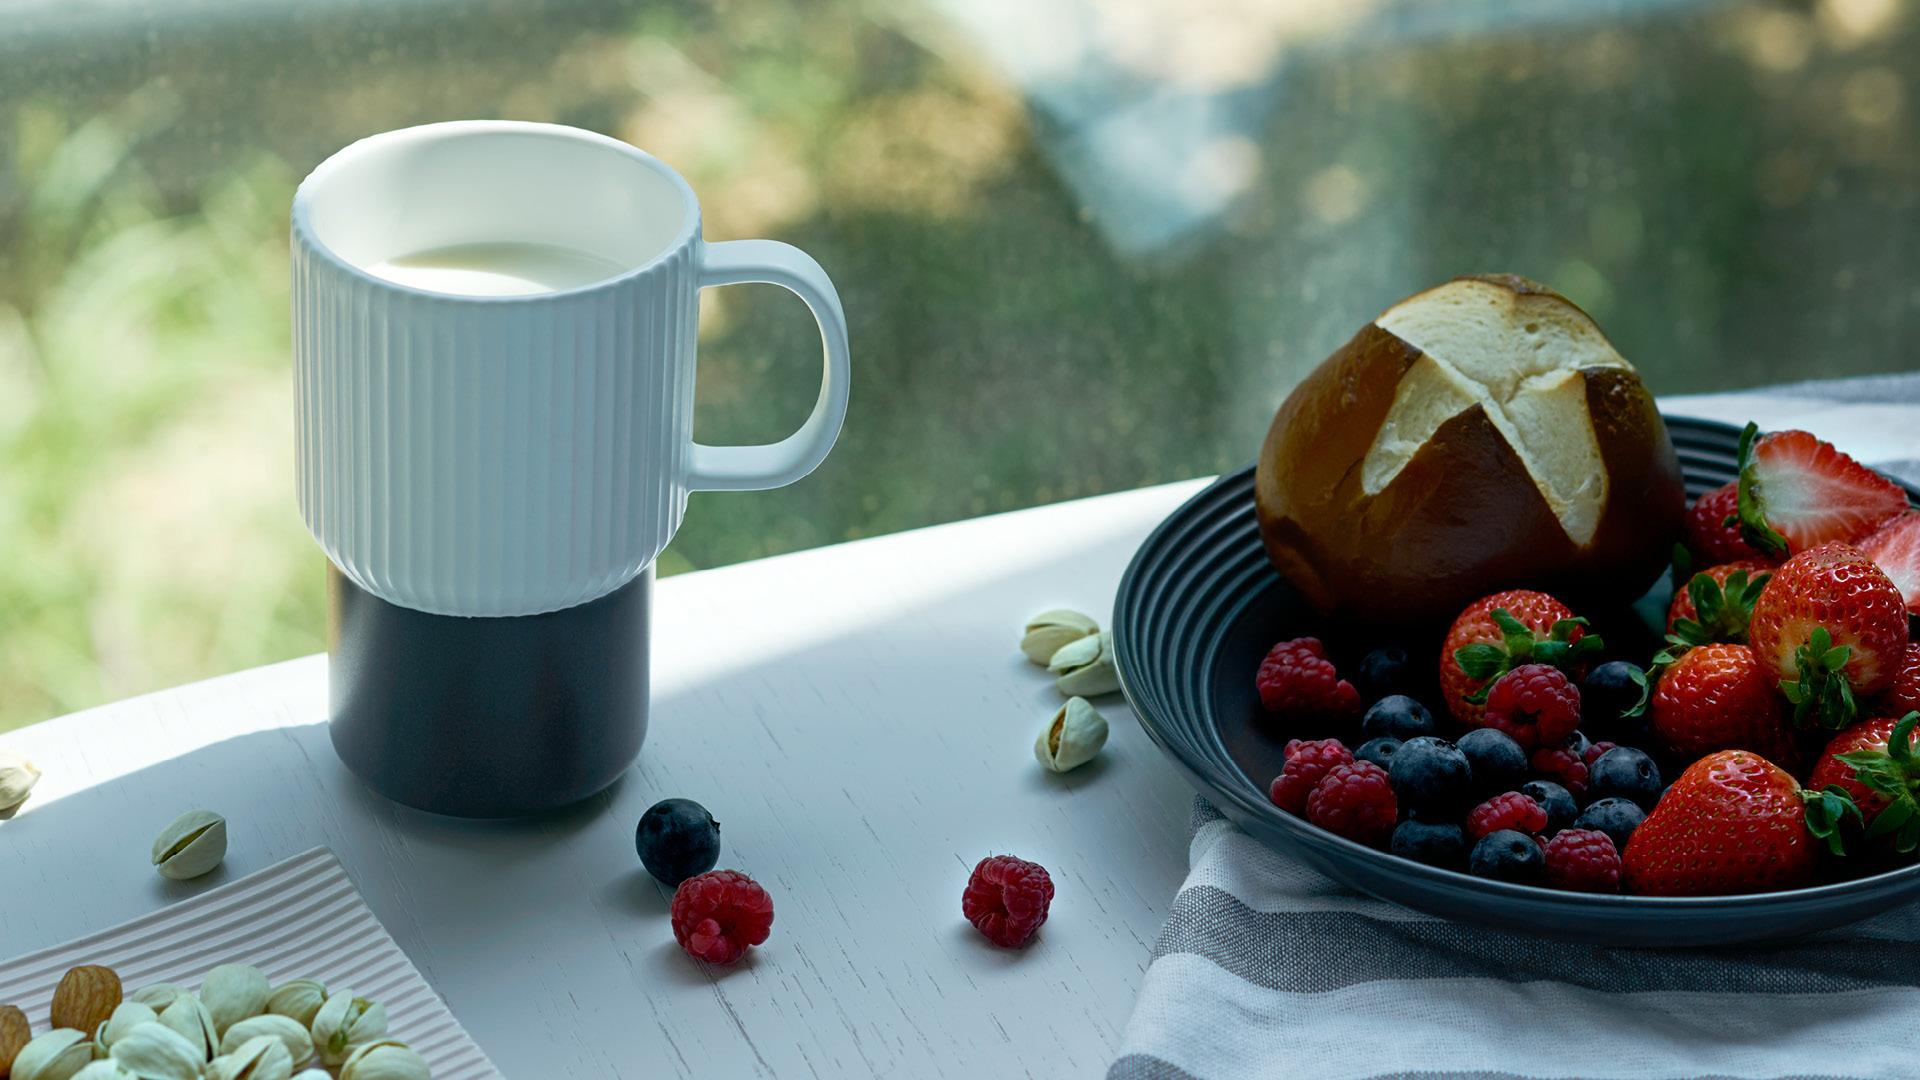 马克杯清甜奶香,唤醒元气清晨